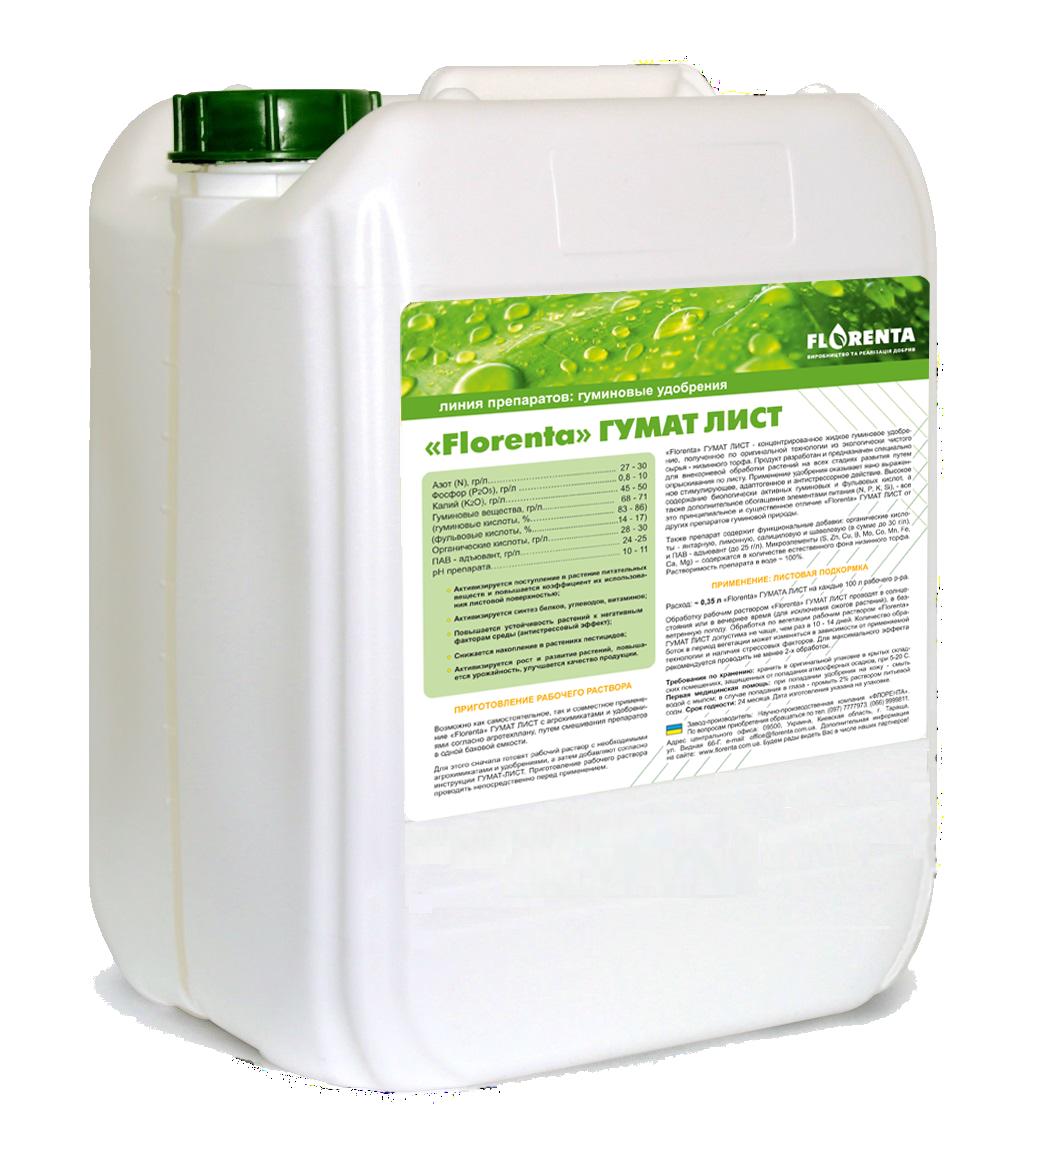 Как пользоваться биогумусом – подробная инструкция по применению удобрения